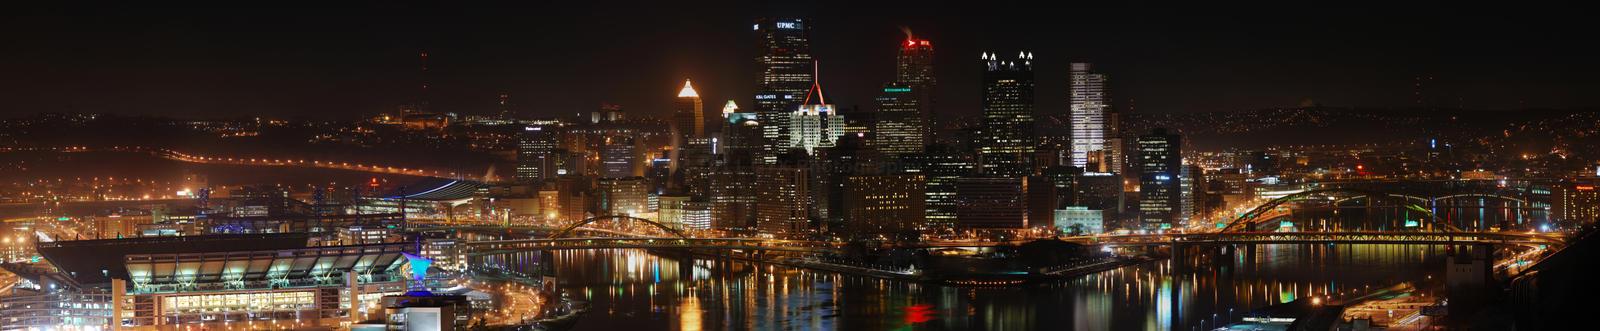 Super Panorama - Pittsburgh